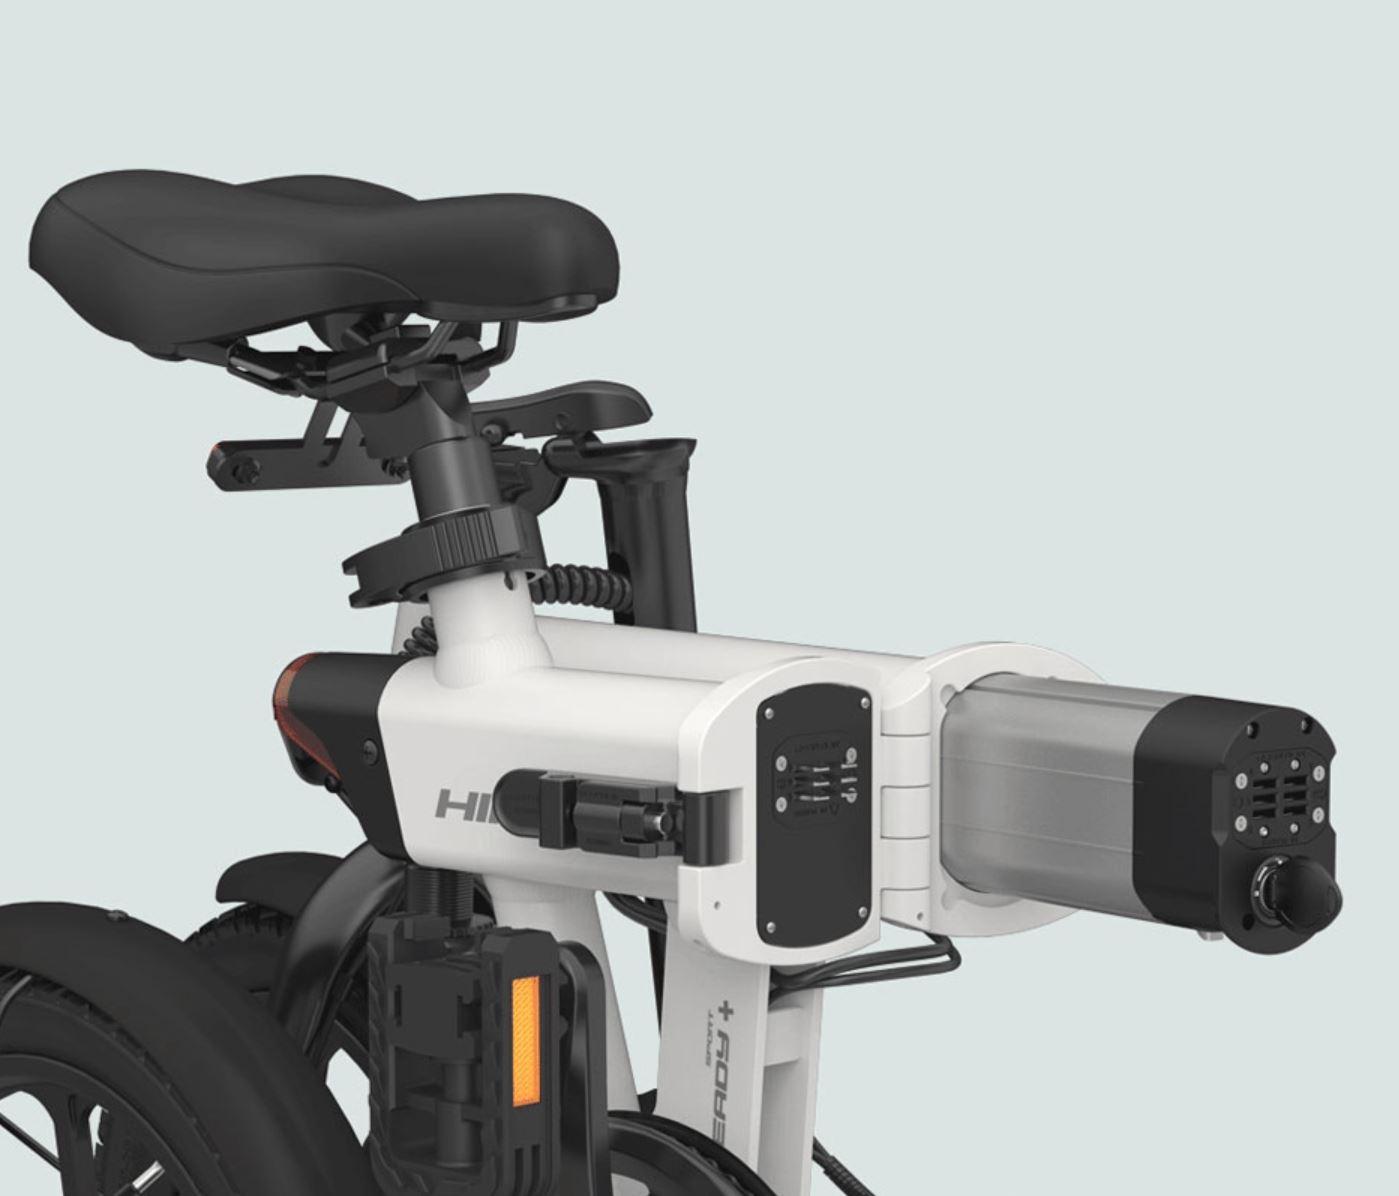 rower elektryczny HIMO Z16 - bateria chowana w siedzeniu